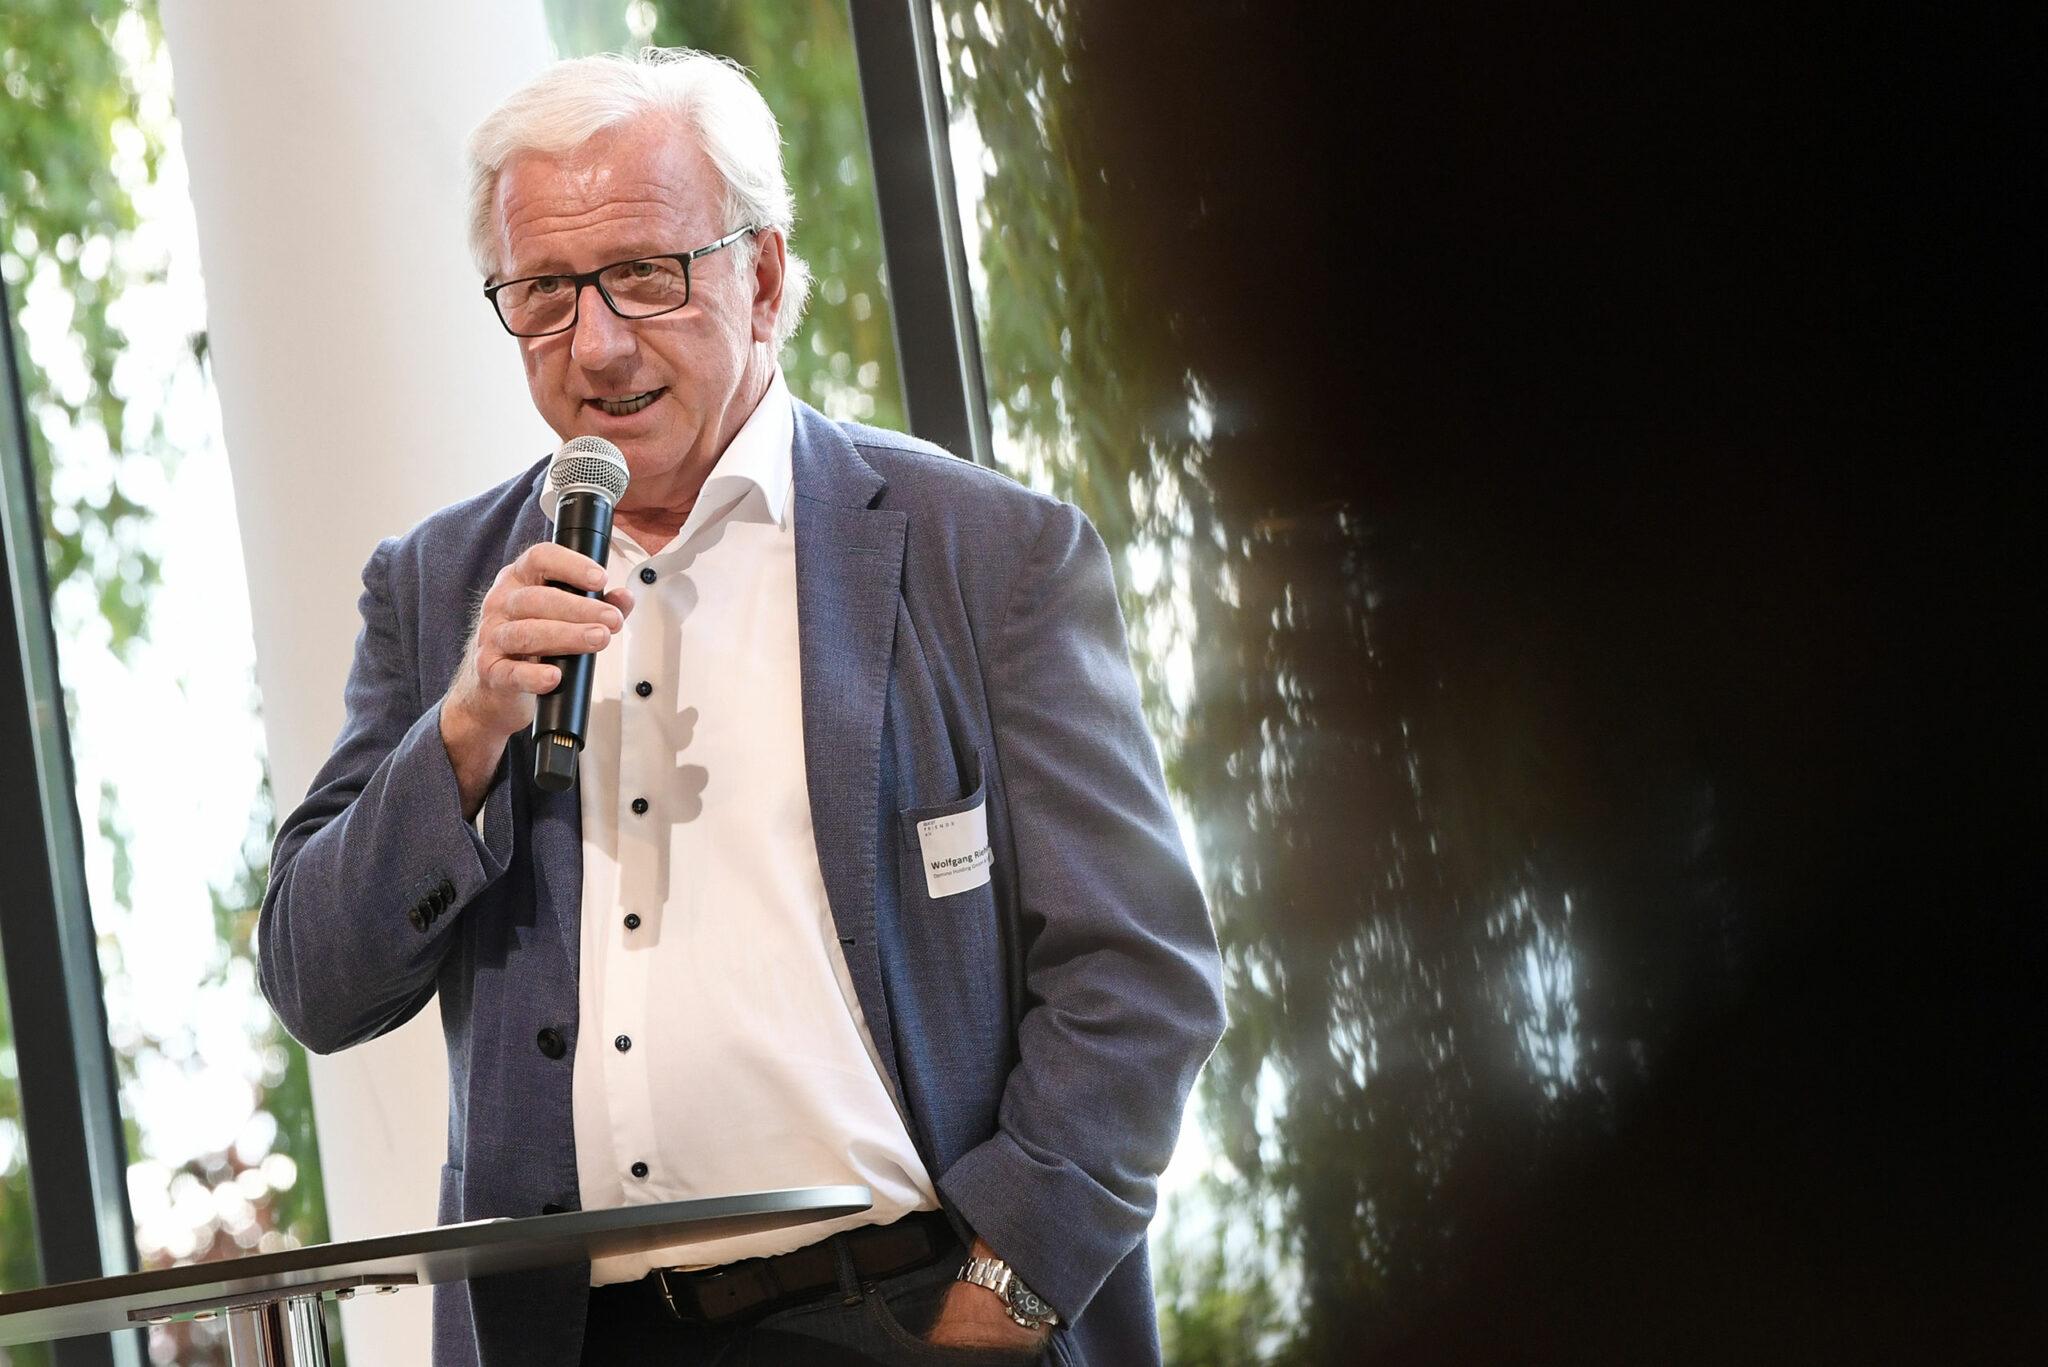 Wolfgang Riehle, Ehrenpräsident der Architektenkammer Baden-Württemberg und Vorsitzender der IBA'27 Friends e.V. (Bild: IBA'27 / F. Kraufmann)